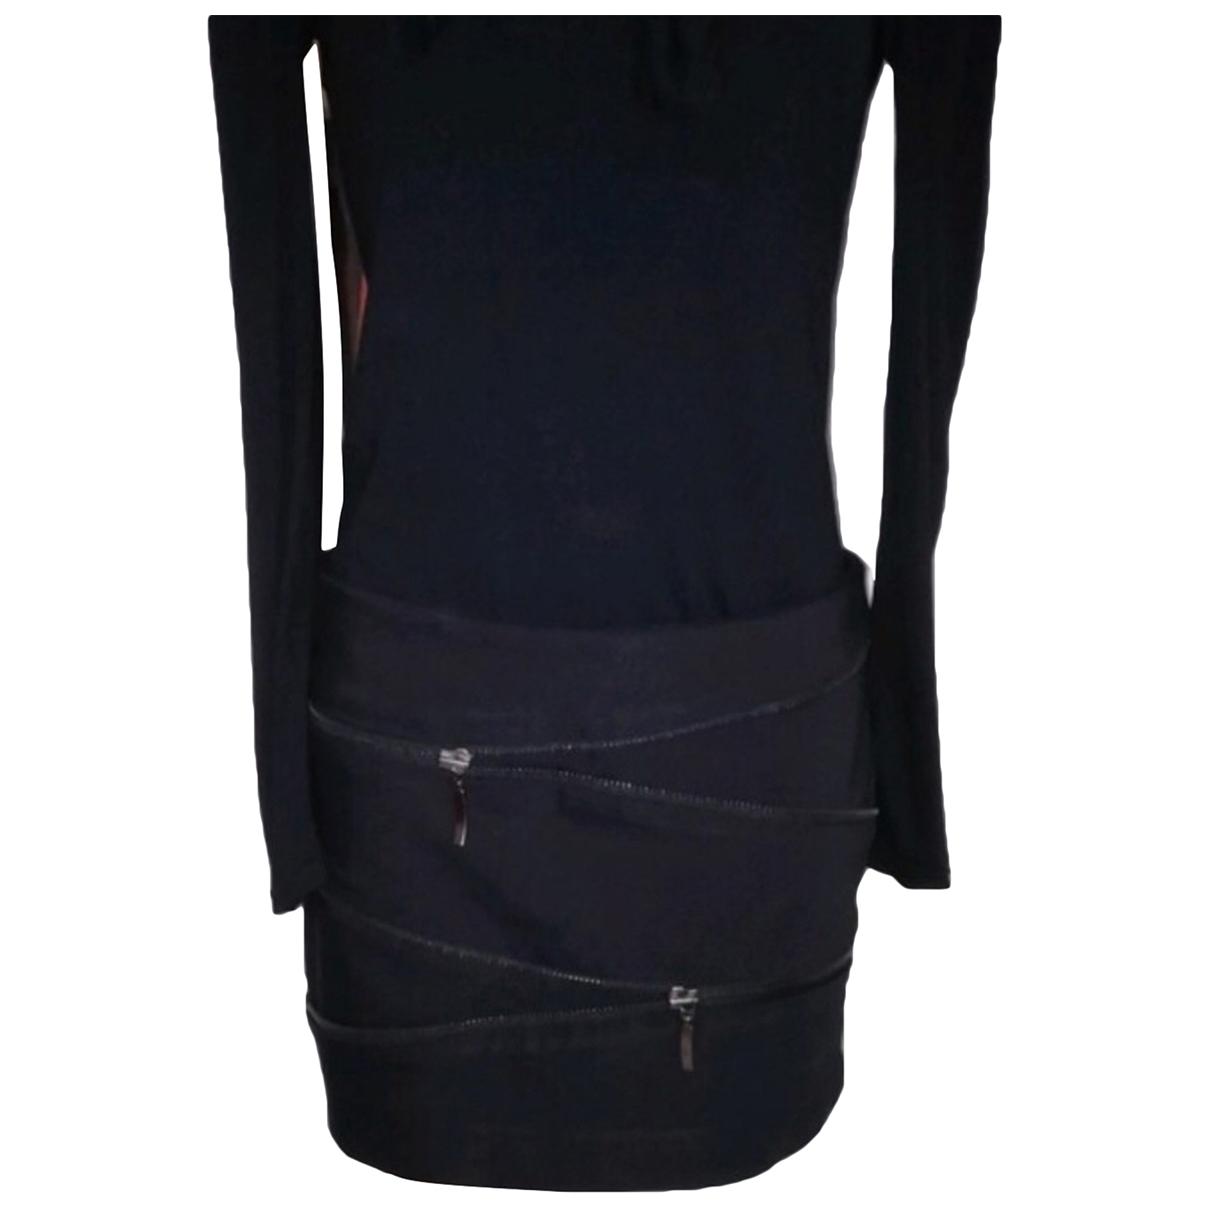 Zara \N Black Cotton skirt for Women 38 FR